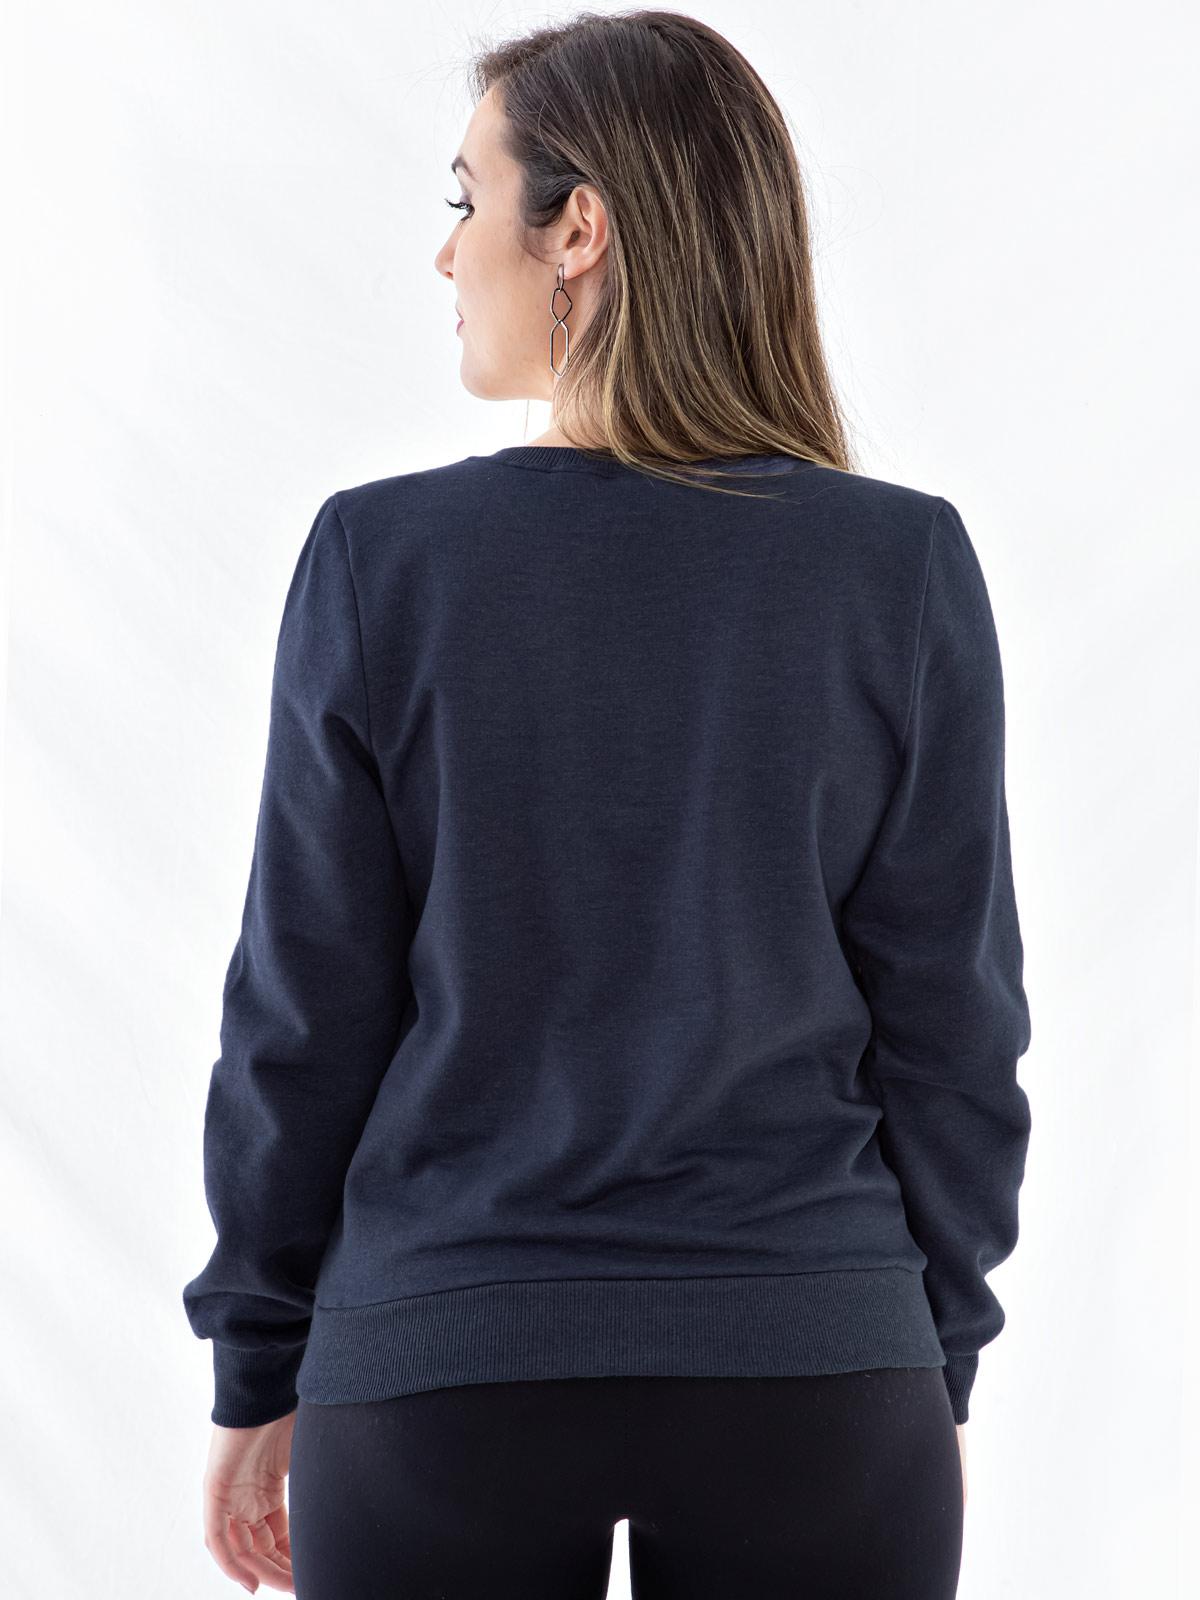 Blusa Moletom Feminino Bordada com Lantejoula Anistia Azul Marinho